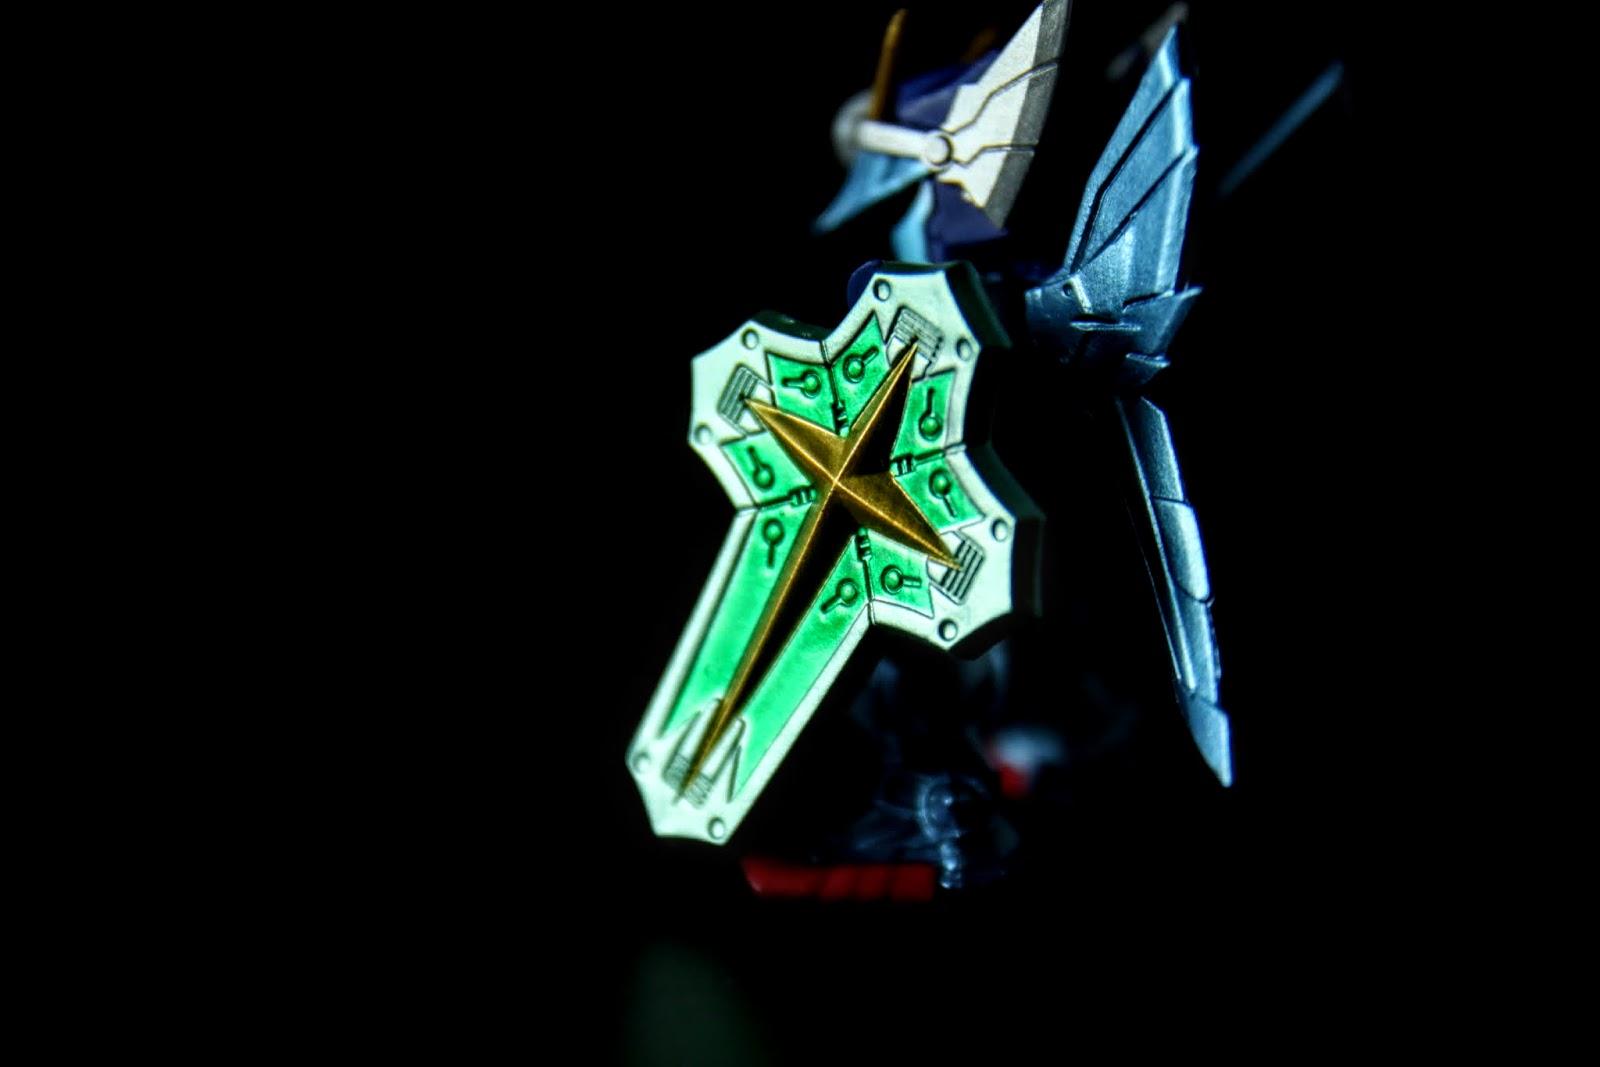 三神器之一的力之盾, 顏色也是金屬綠的很漂亮